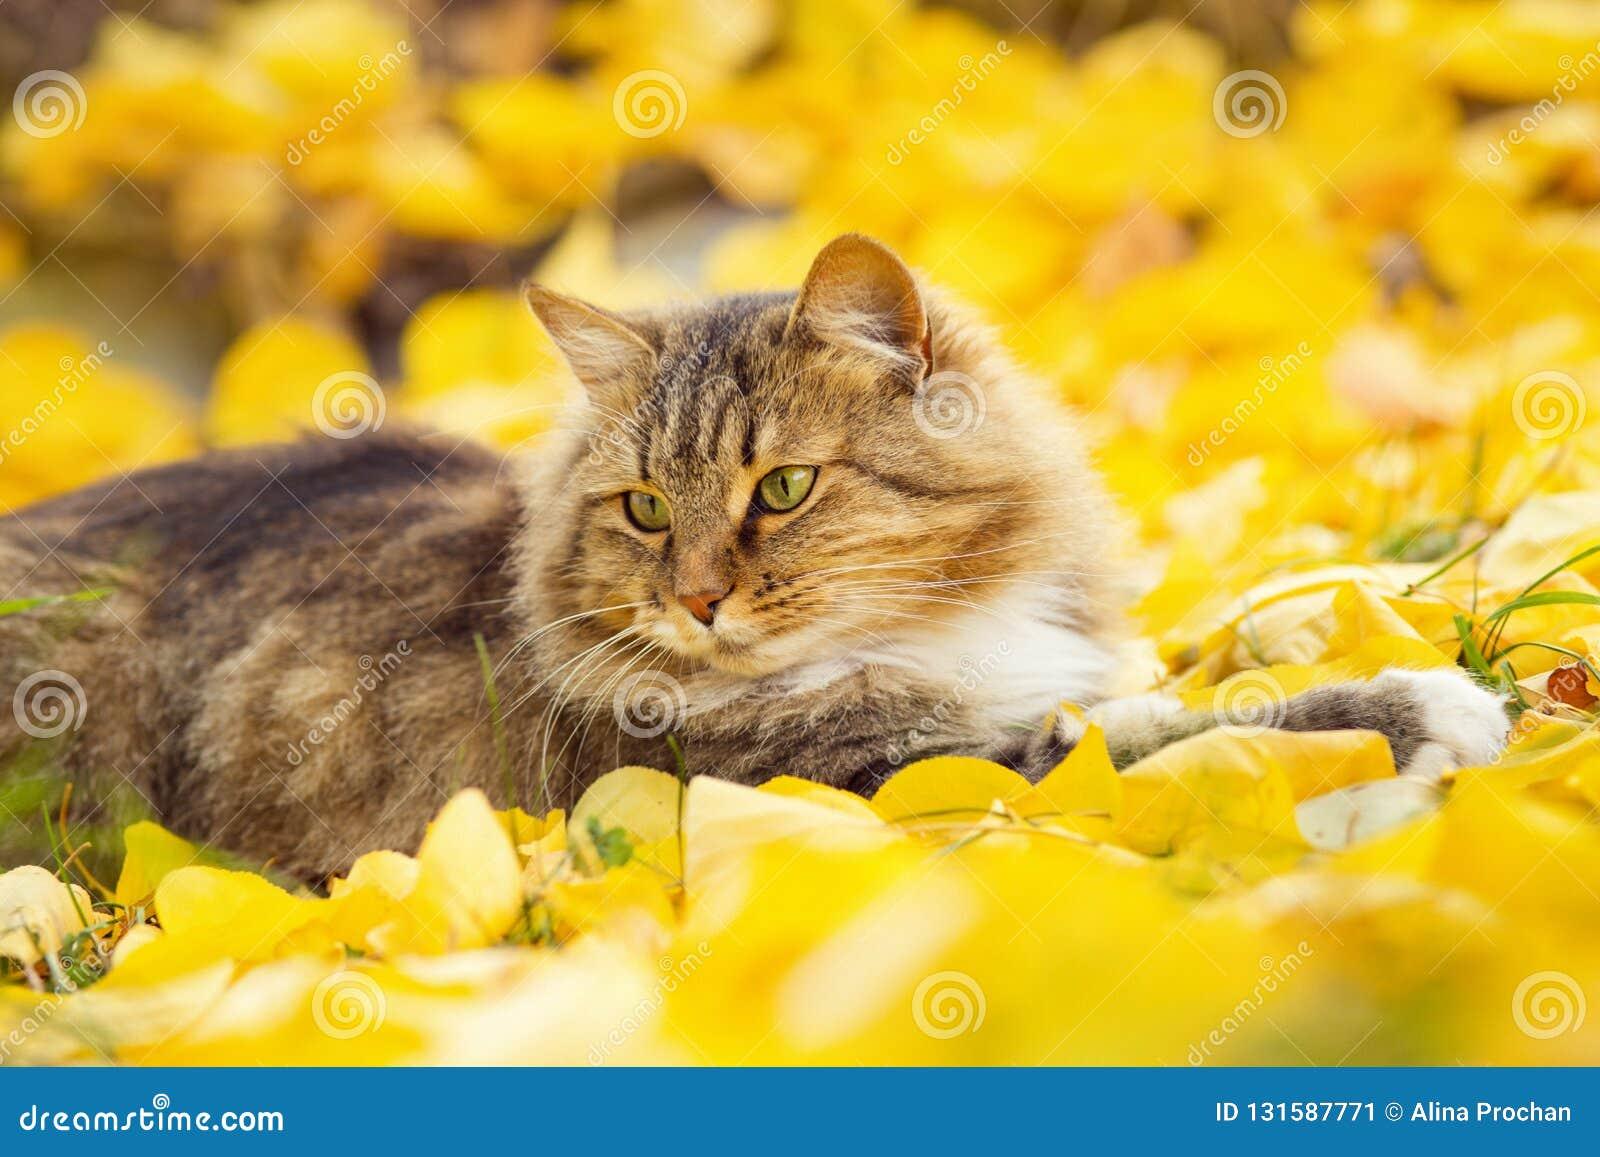 Beau chat sibérien pelucheux se trouvant sur le feuillage jaune tombé, animal familier marchant sur la nature pendant l automne